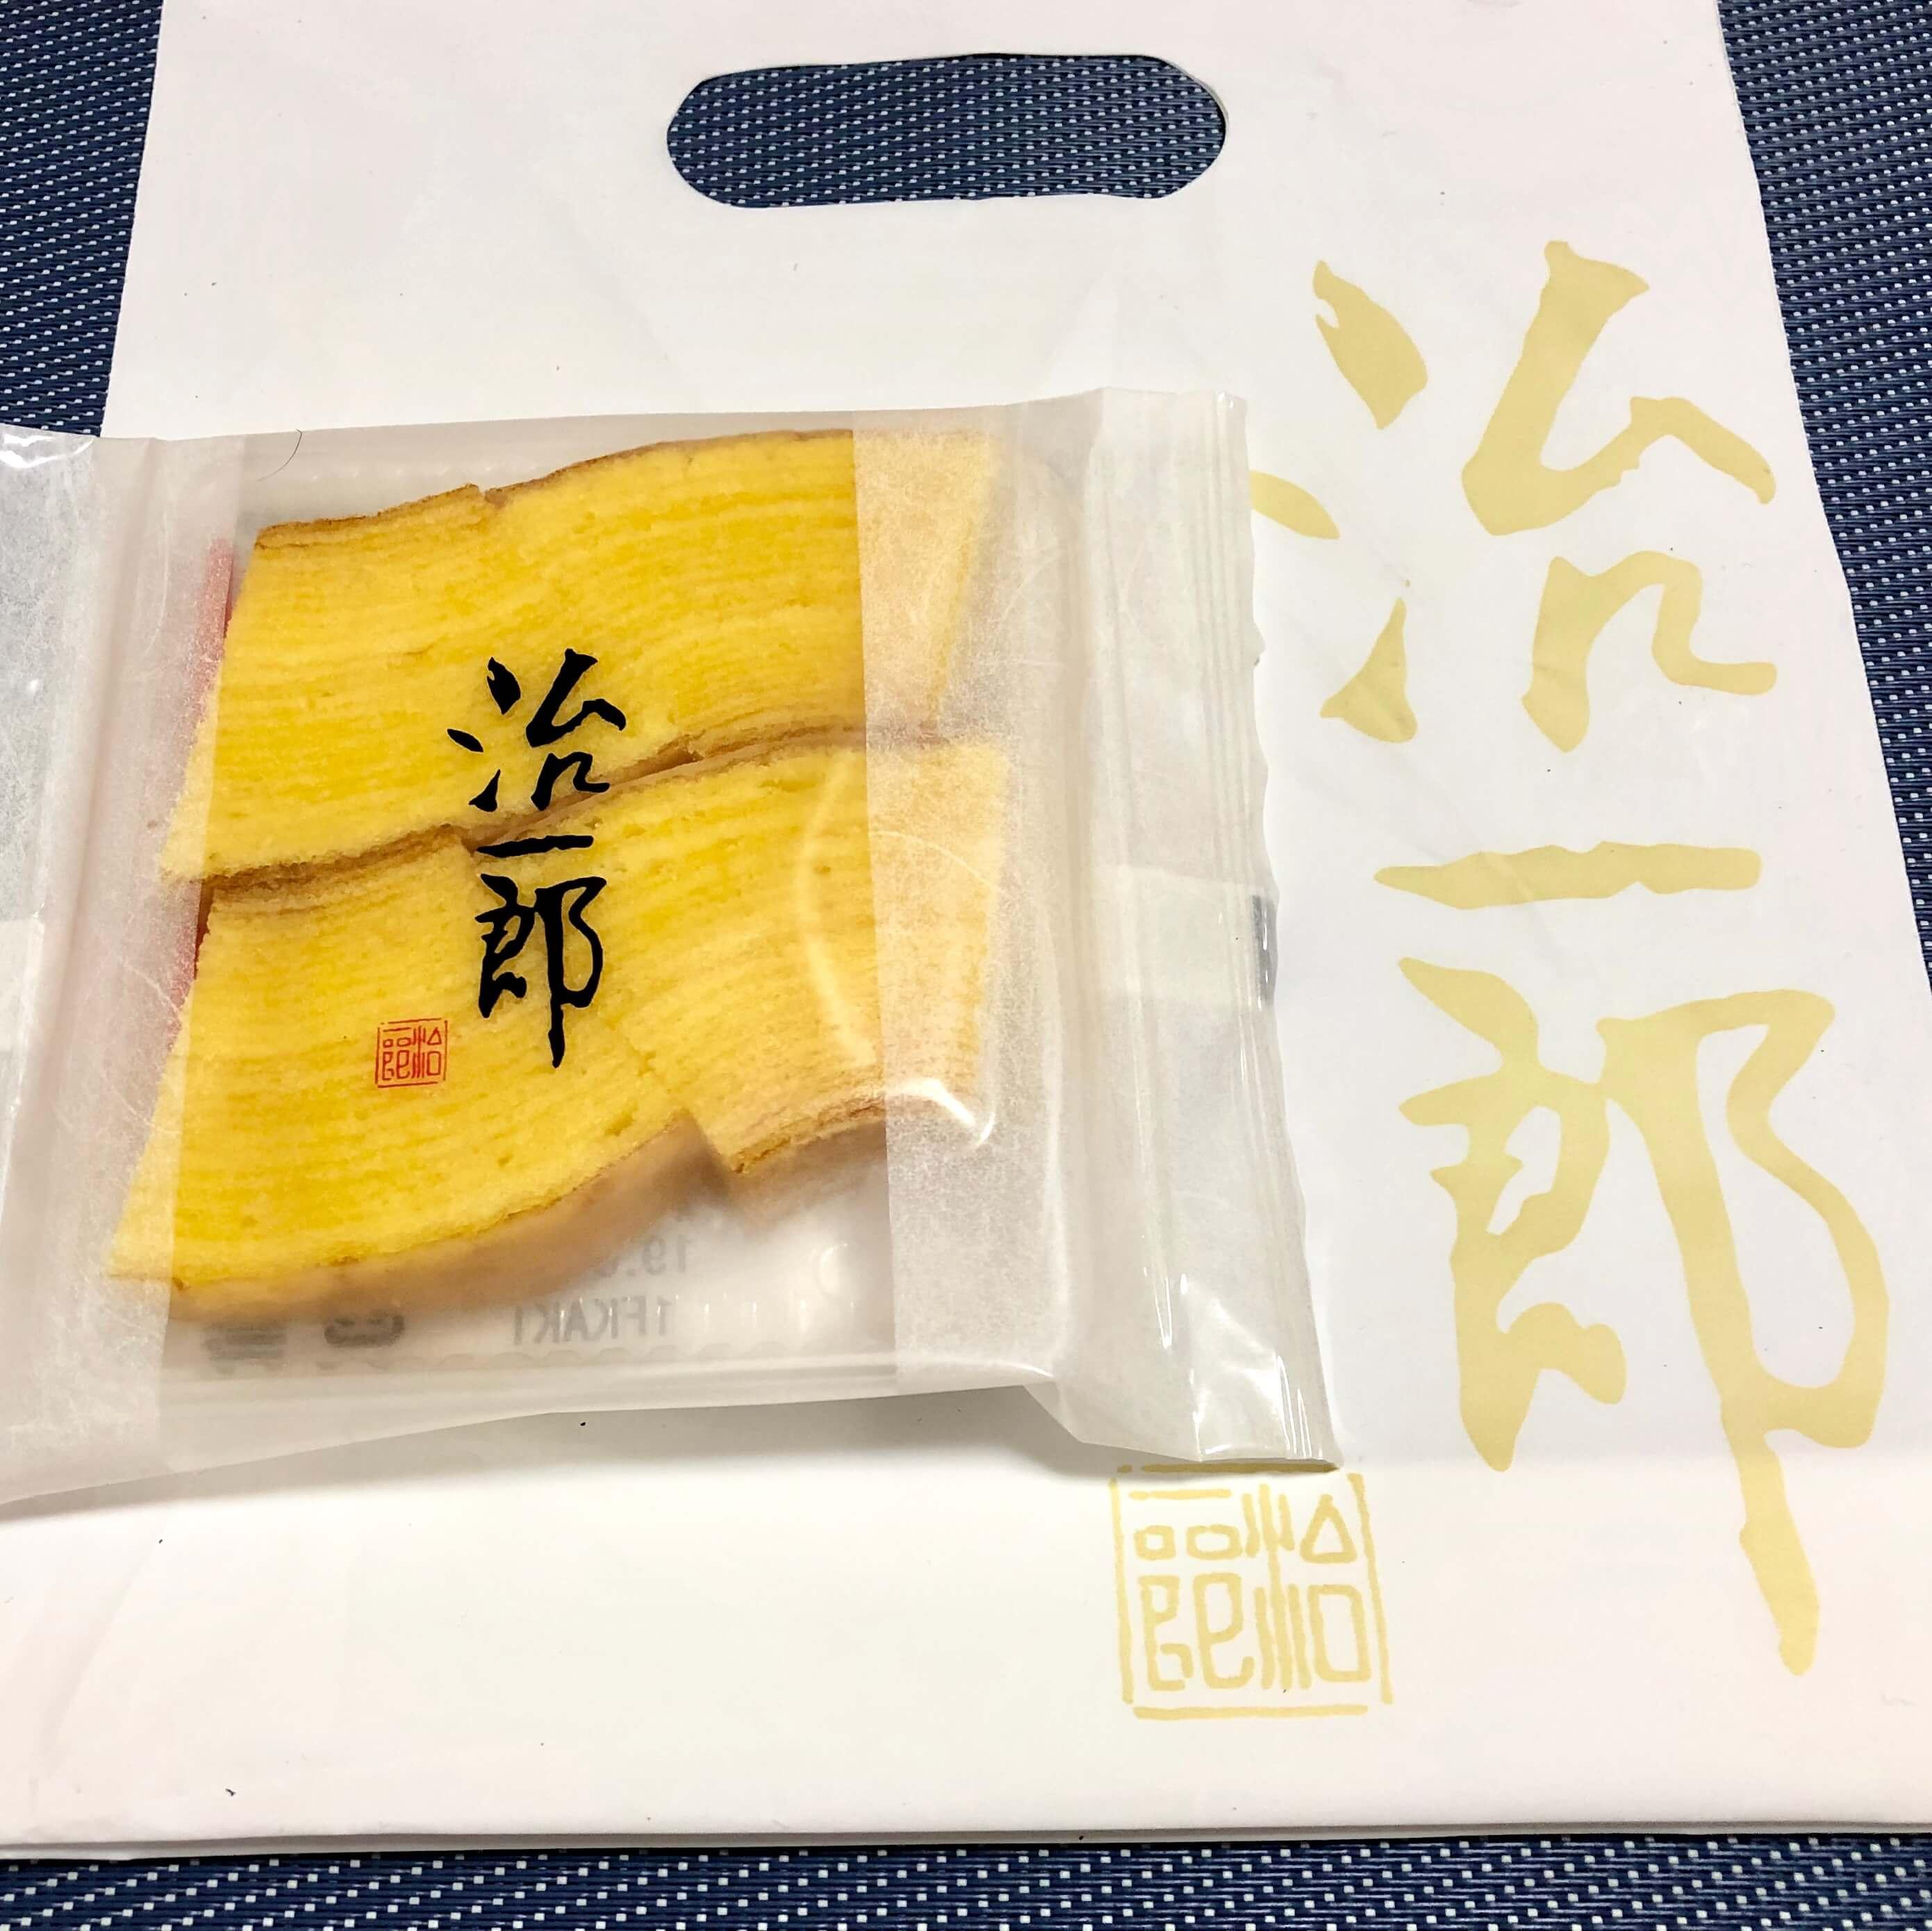 埼玉初出店|ルミネ大宮に治一郎がオープン!メニュー・バウムクーヘンを食べてみた感想を紹介